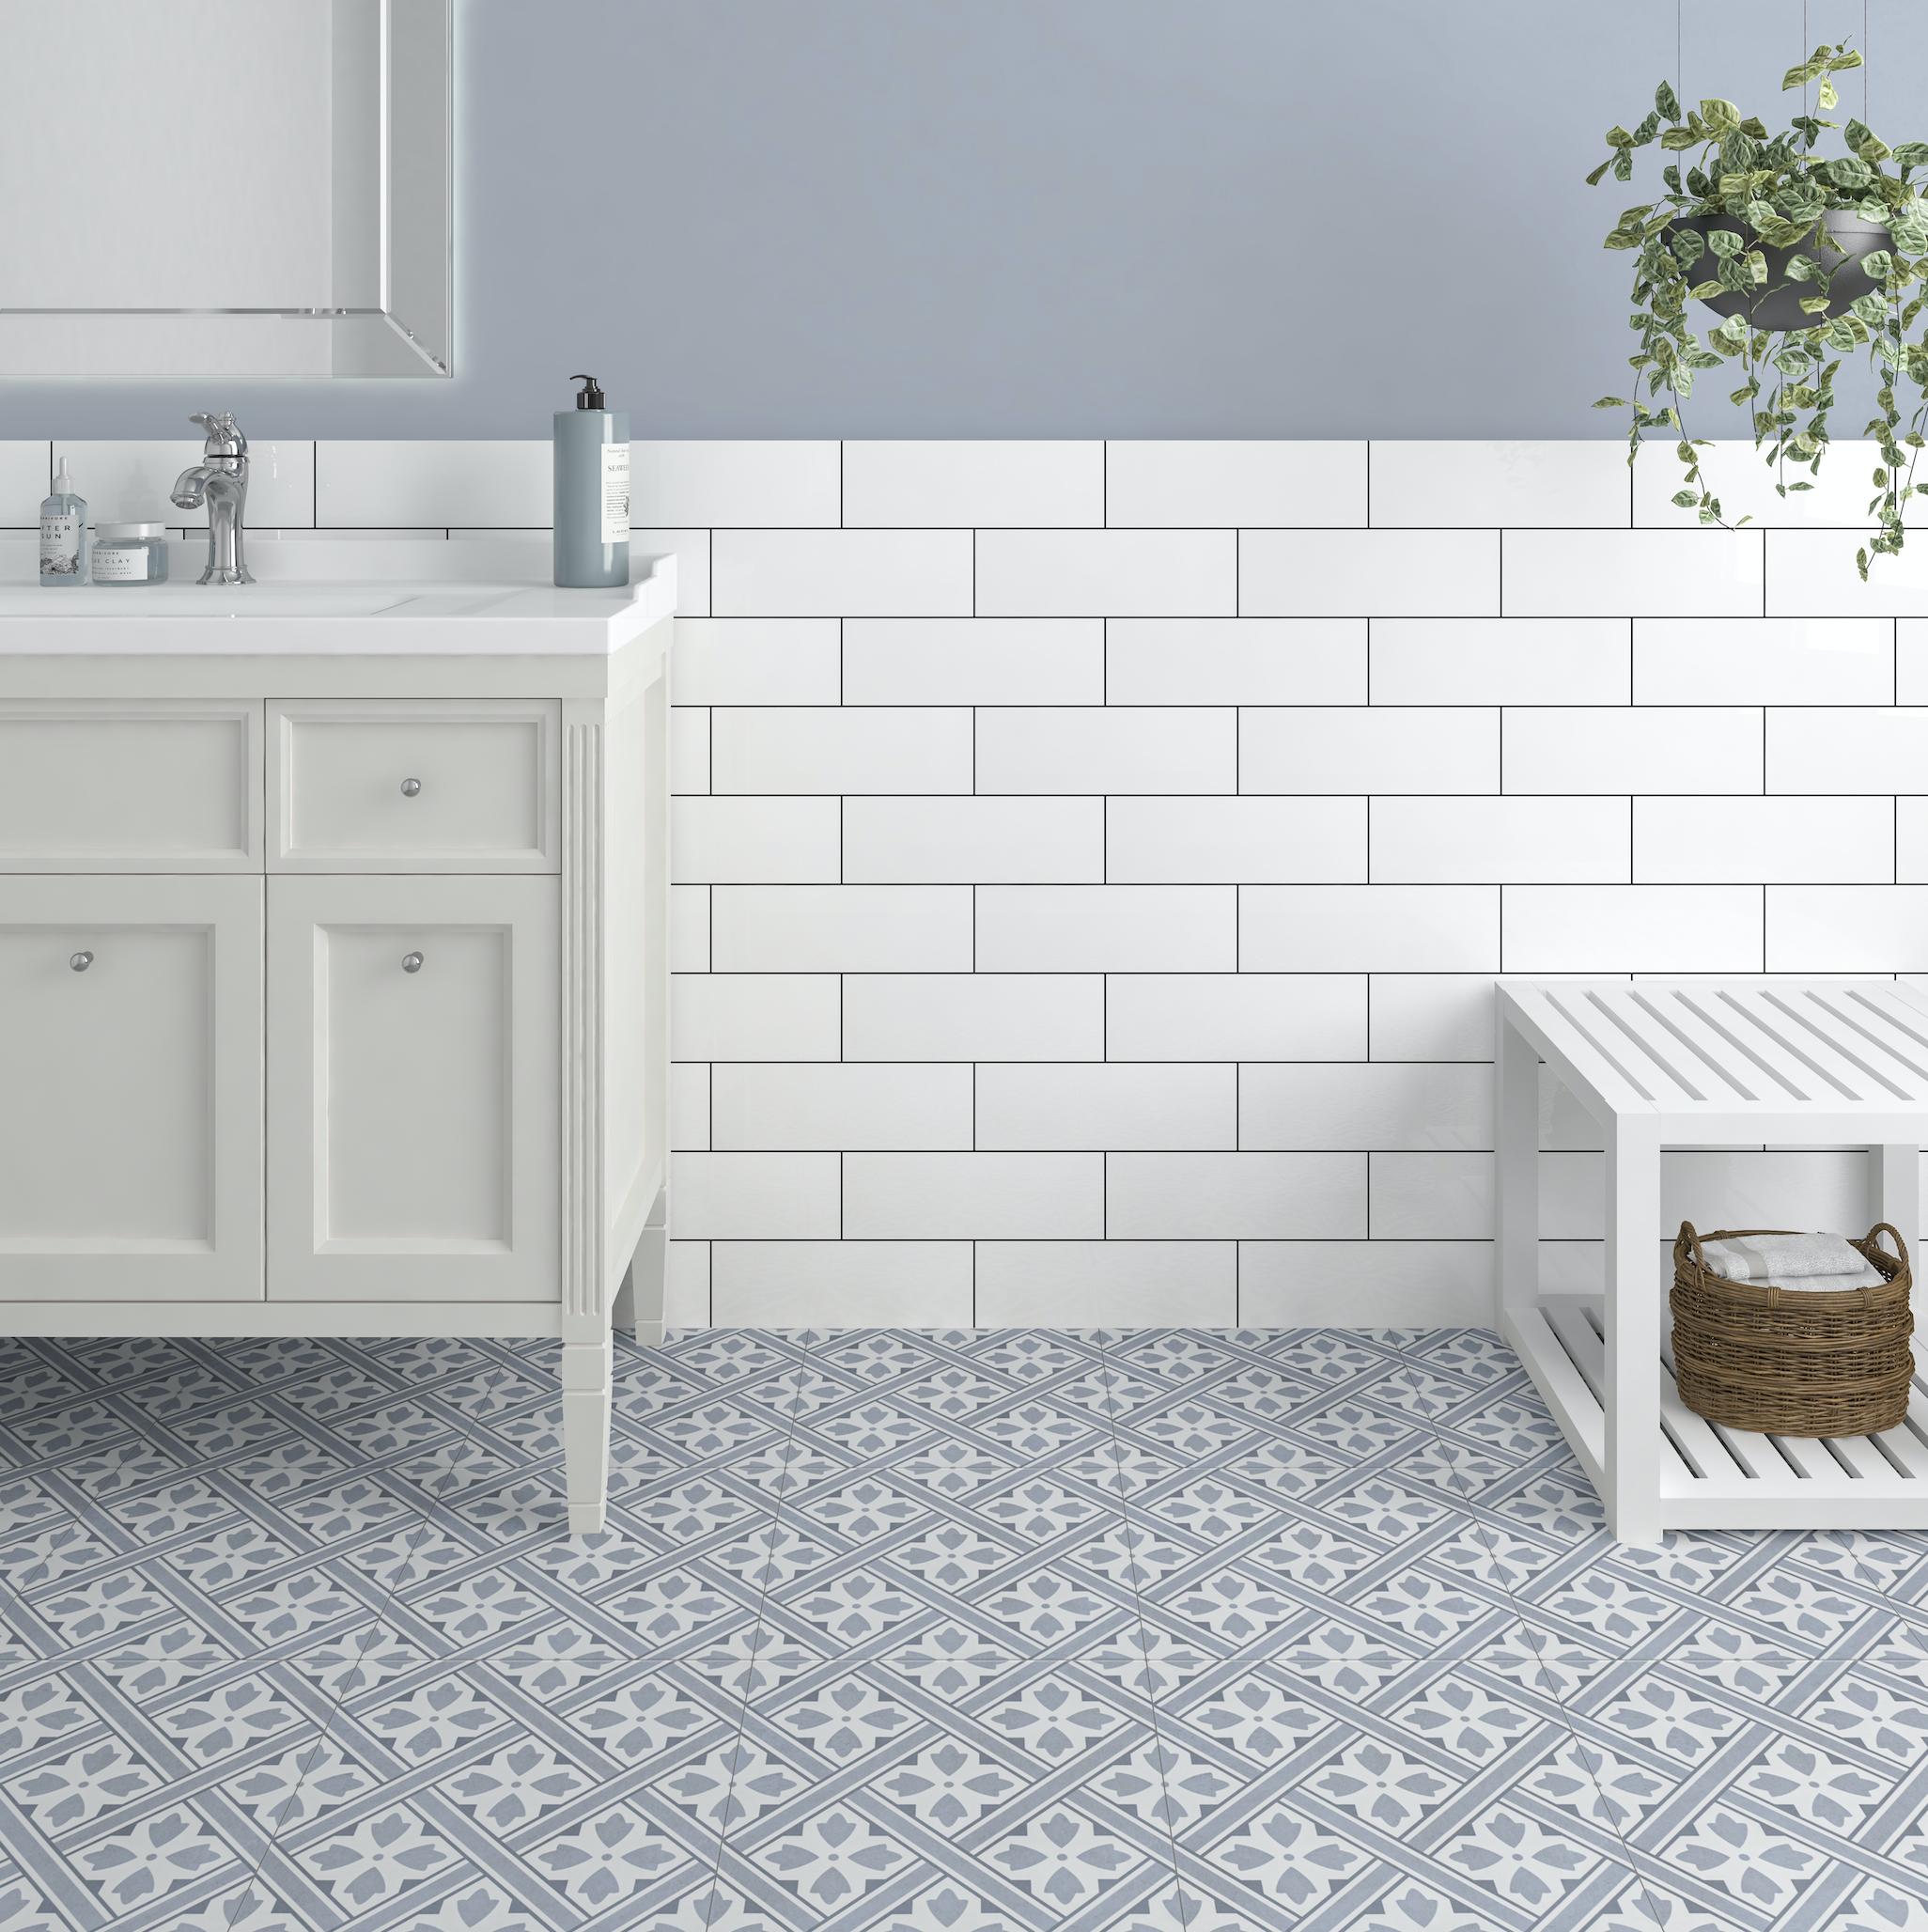 Mr Jones Azure Blue Pattern wall and floor tile, 33x33cm, £17.99 pm2 Tilemountain.co.uk